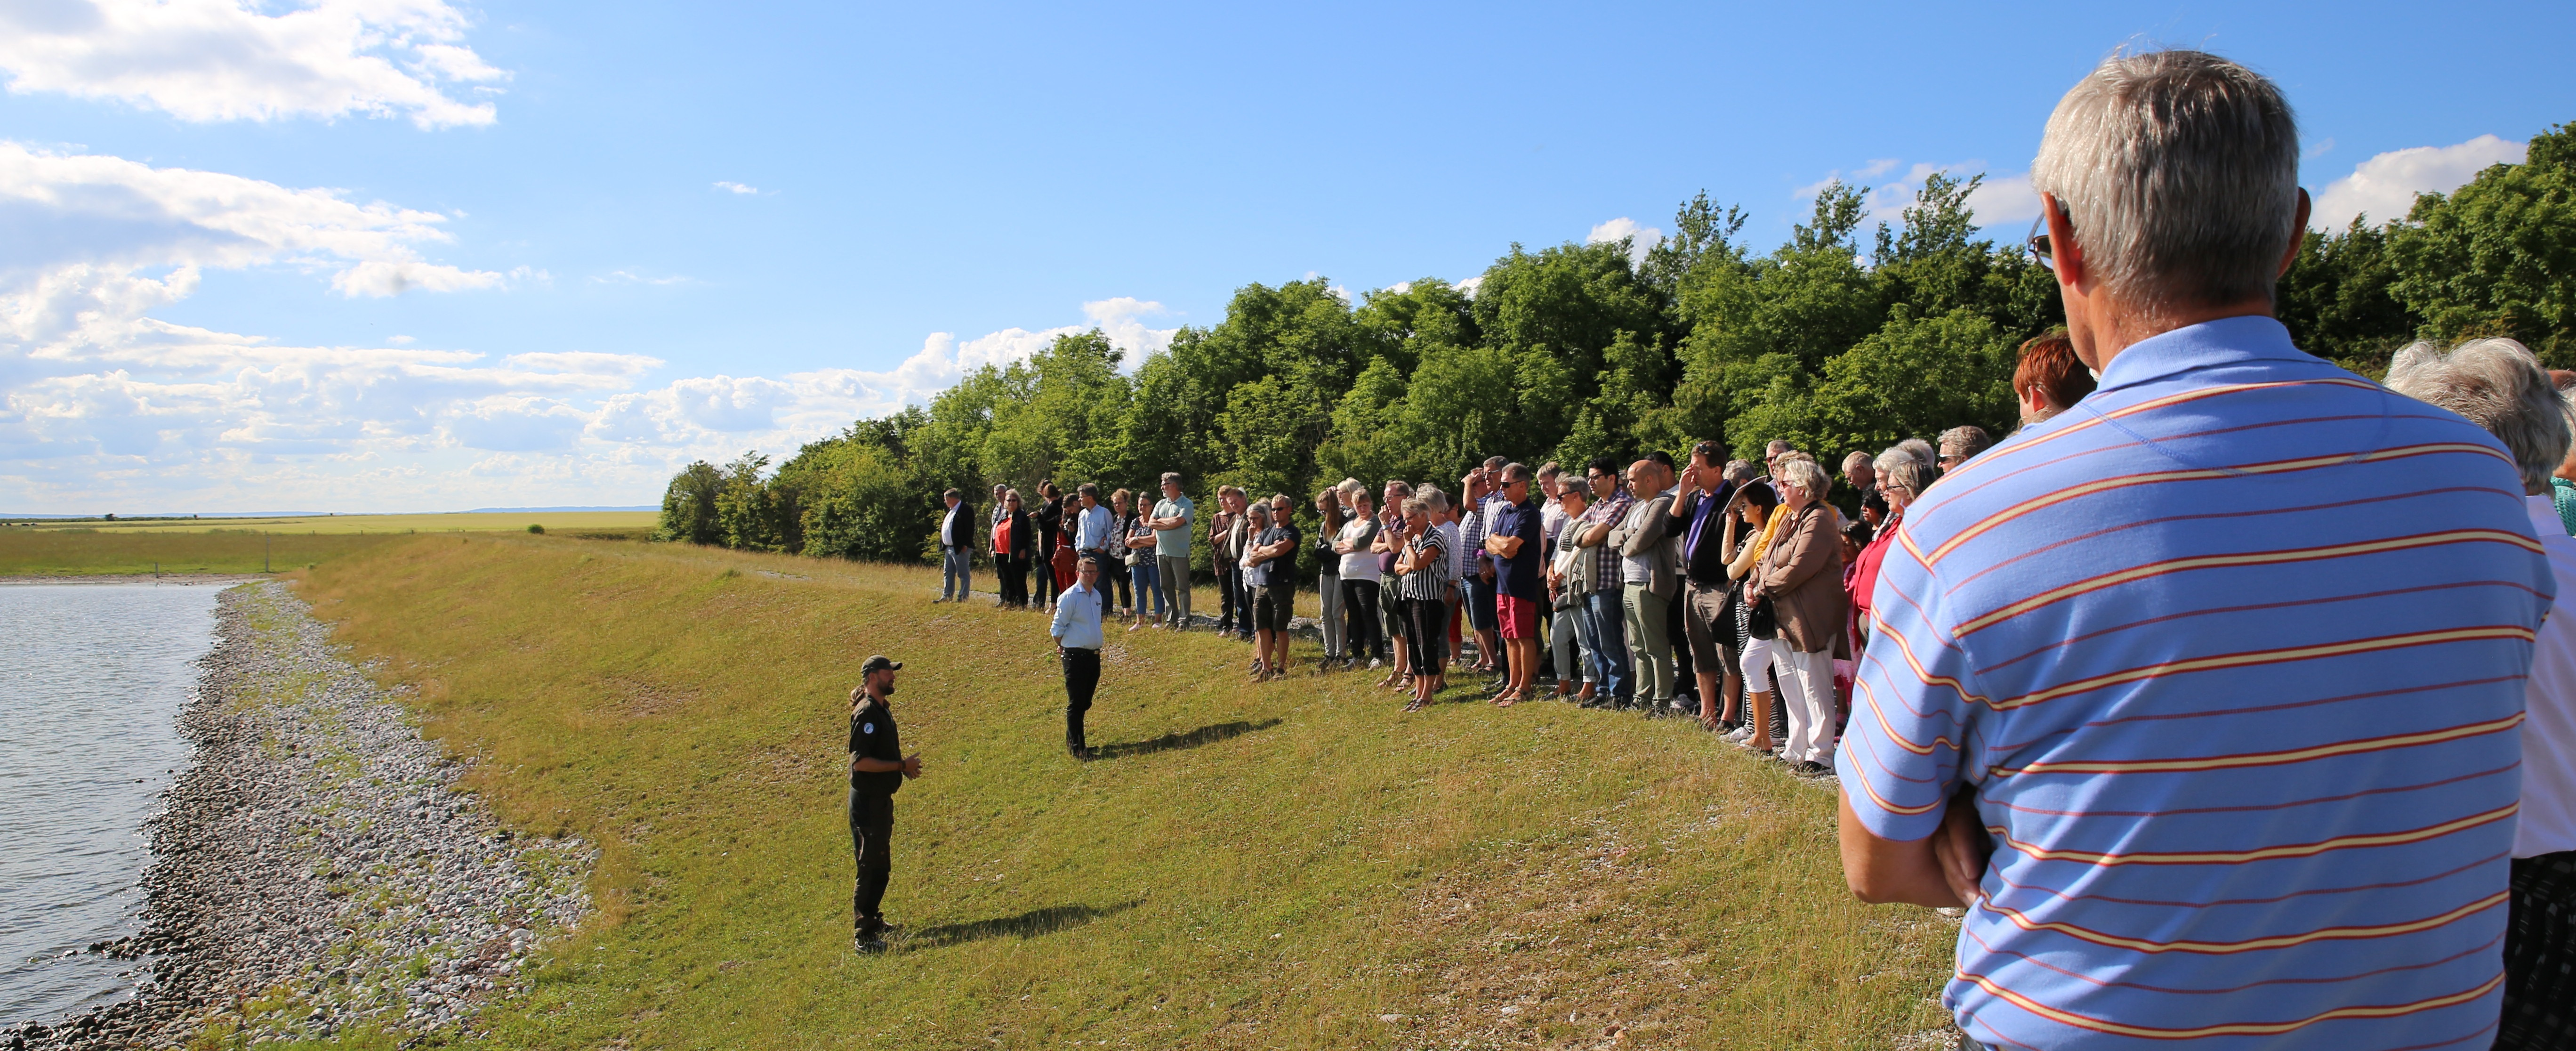 Naturvejledning, guidede ture og outdoor aktiviteter på Nordfyn for grupper og selskaber